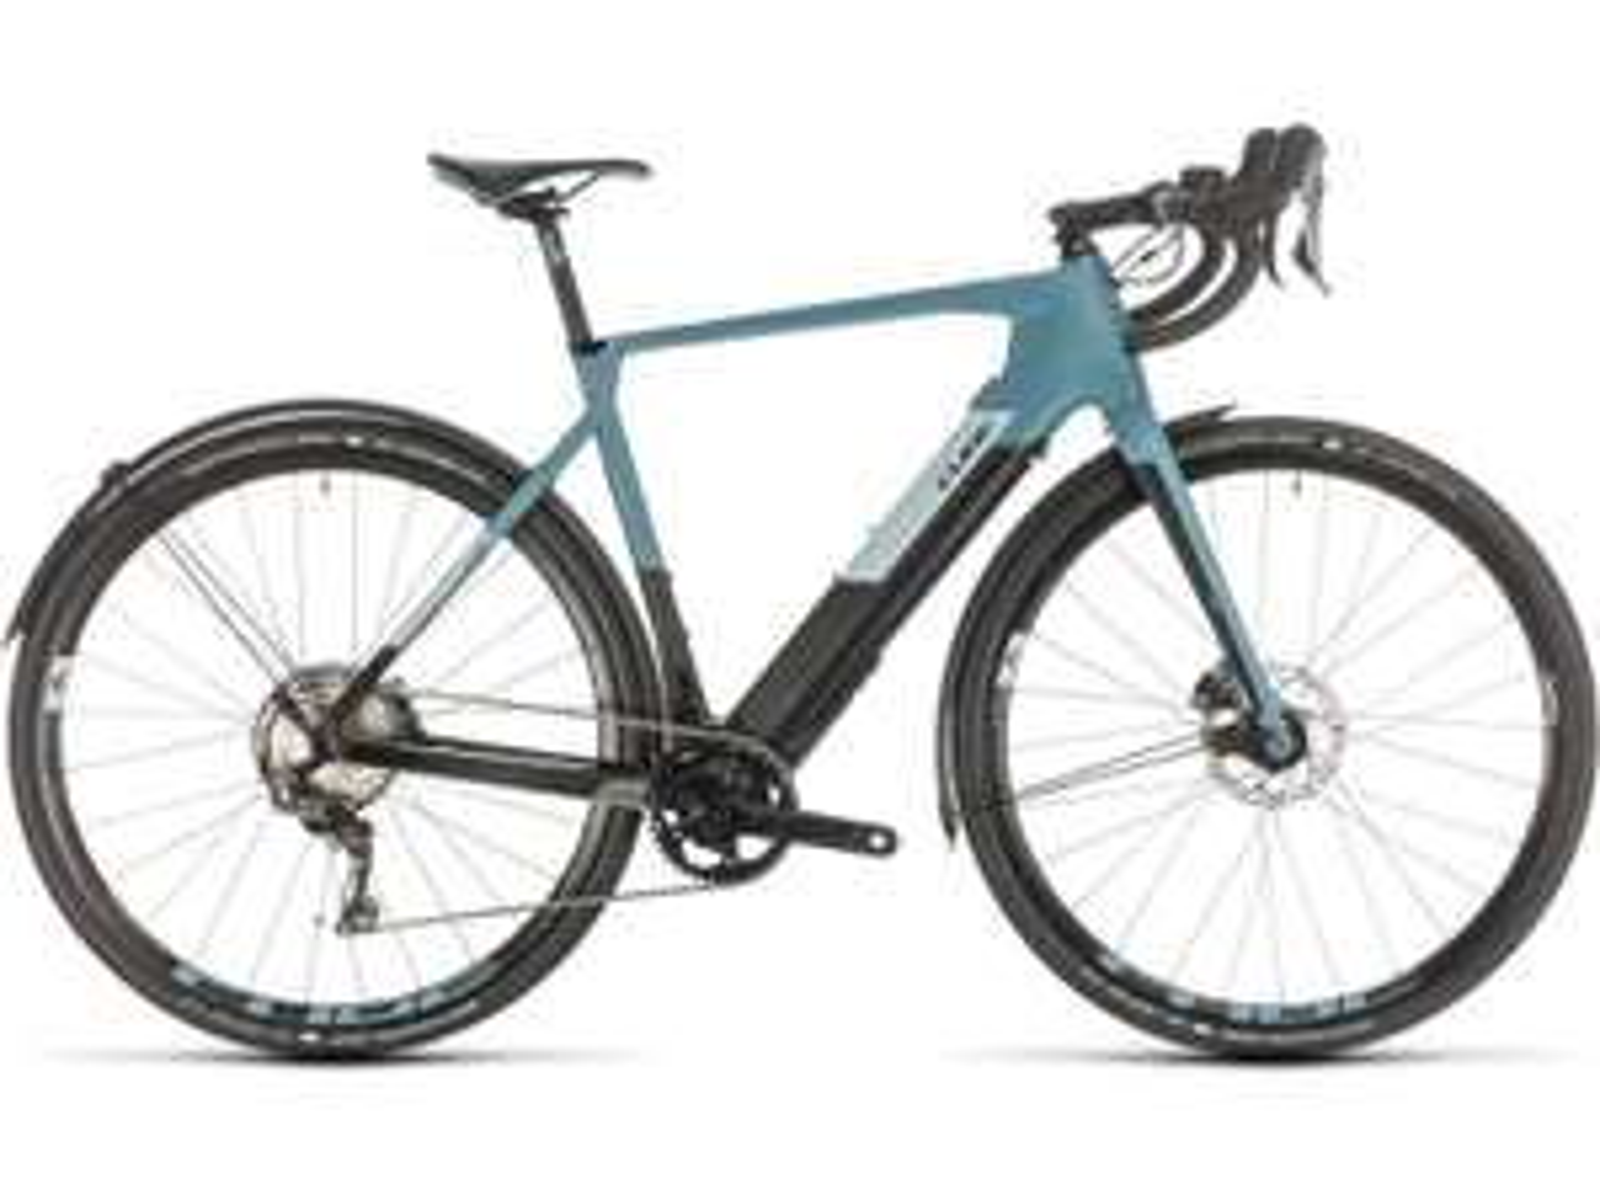 Gravel E-Bike Cube Nuroad Hybrid C:62 SL - 250 Wh - 2020 - 28 Zoll Carbon 15,8kg